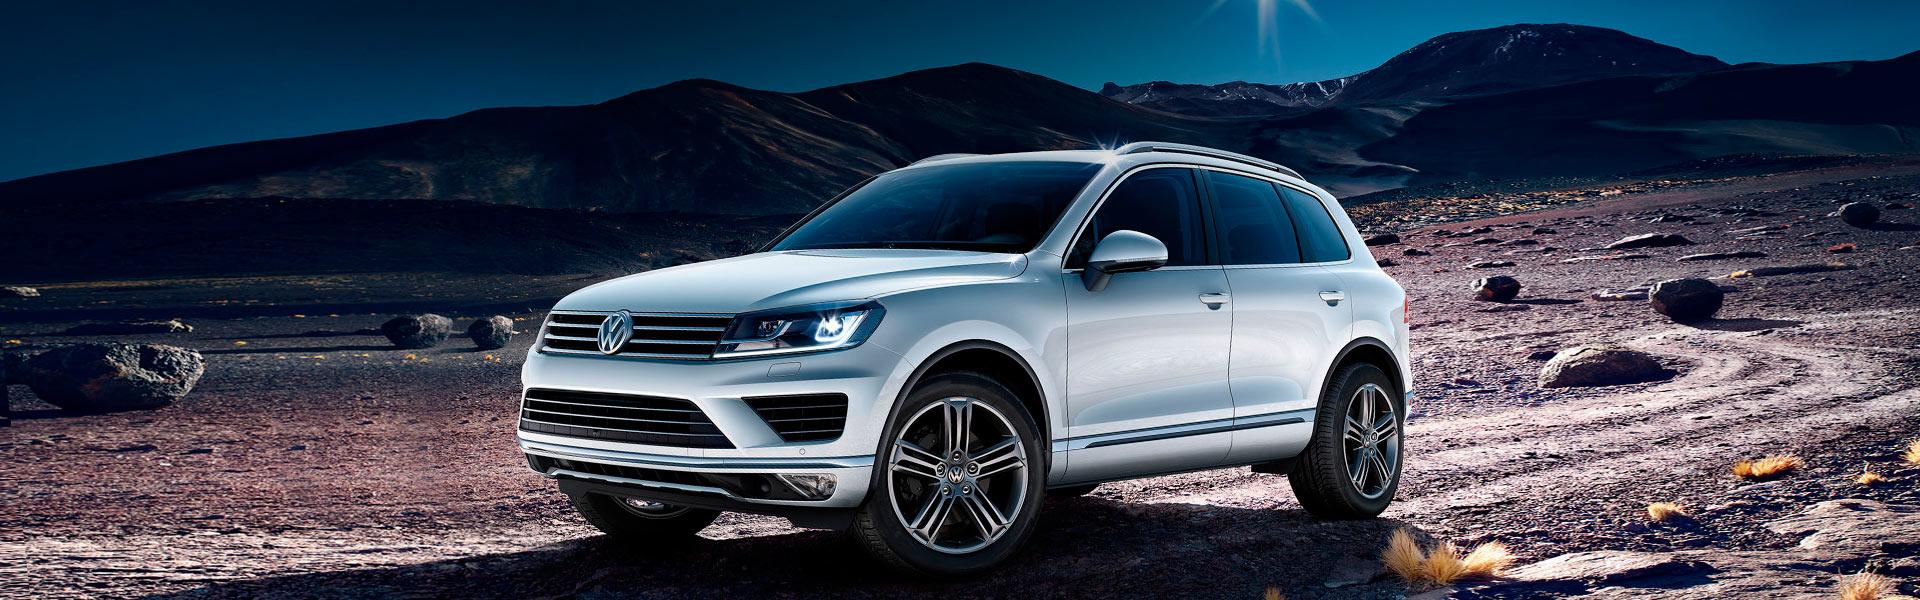 Запчасти на Volkswagen Touareg